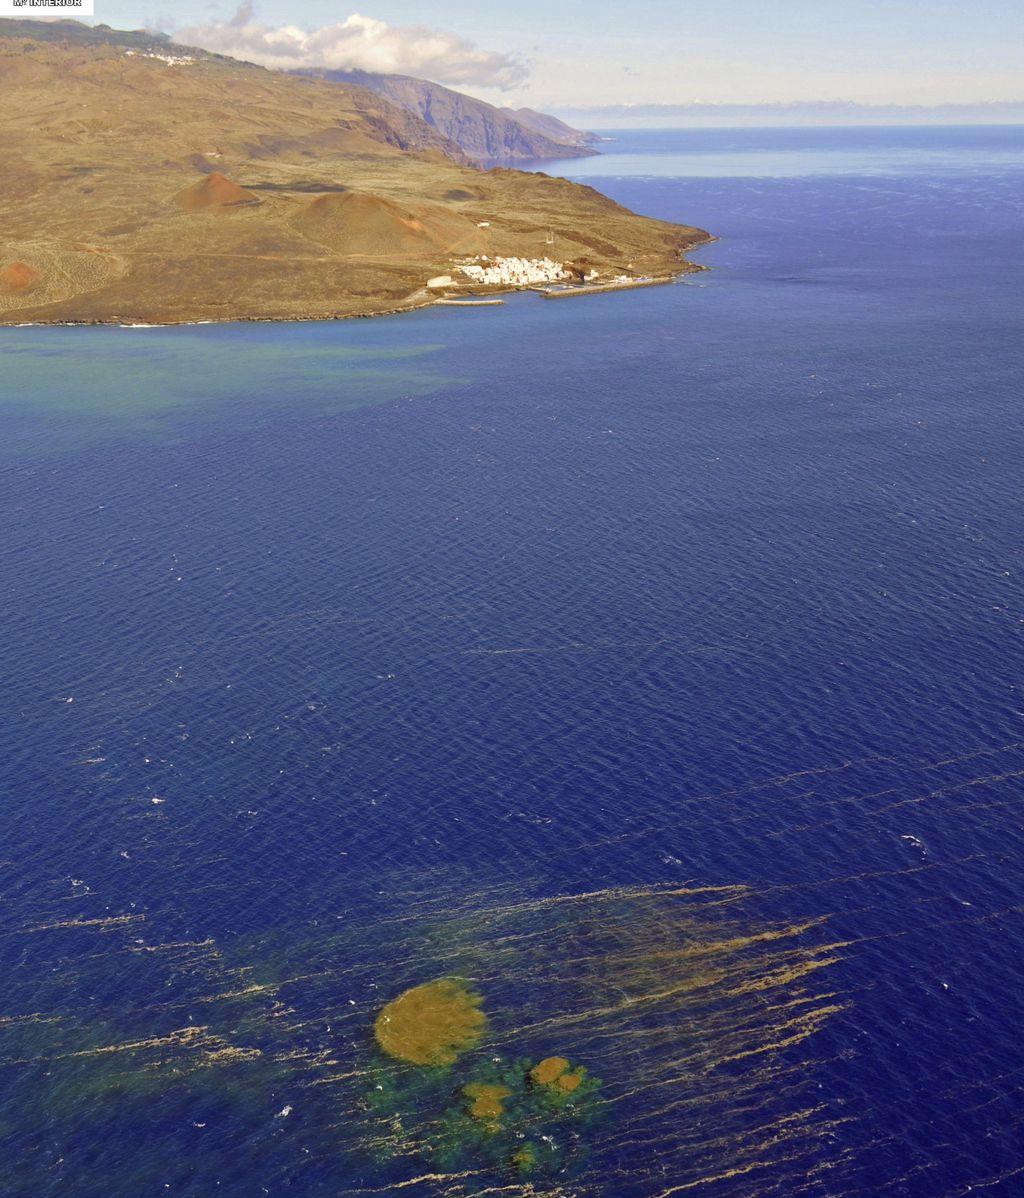 Fotografía facilitada por la Guadia Civil del aspecto que mostraban las manchas en el mar producto de los materiales expulsados tras la erupción submarina de la isla de El Hierro (Canarias)